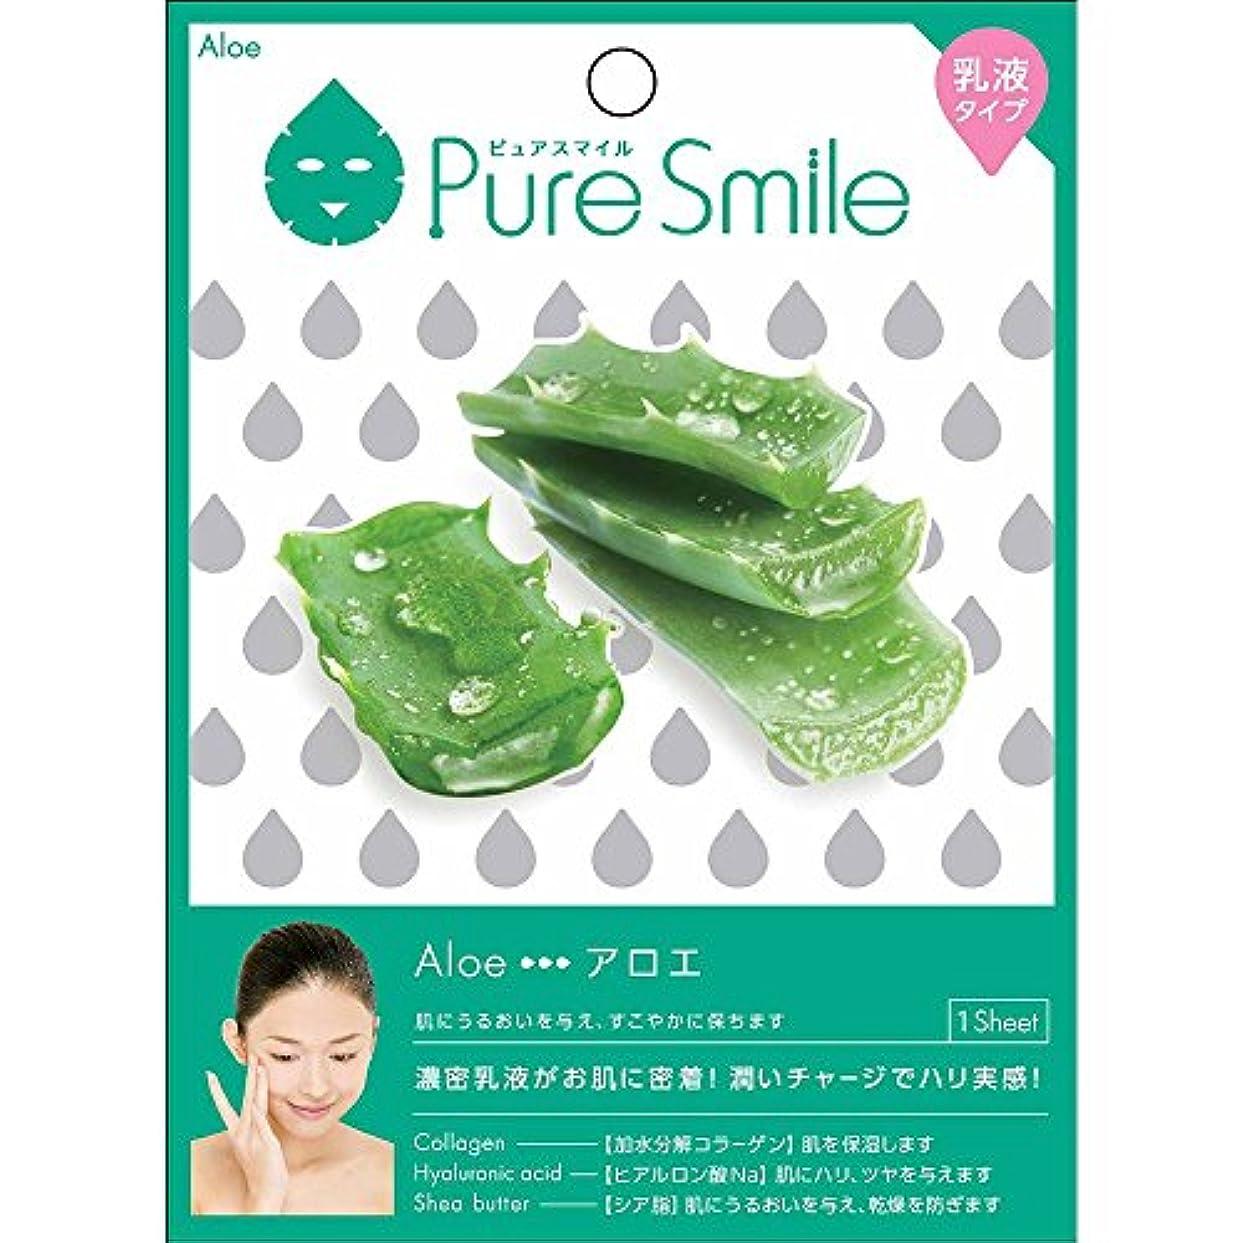 テレビ計算毛皮Pure Smile(ピュアスマイル) 乳液エッセンスマスク 1 枚 アロエ